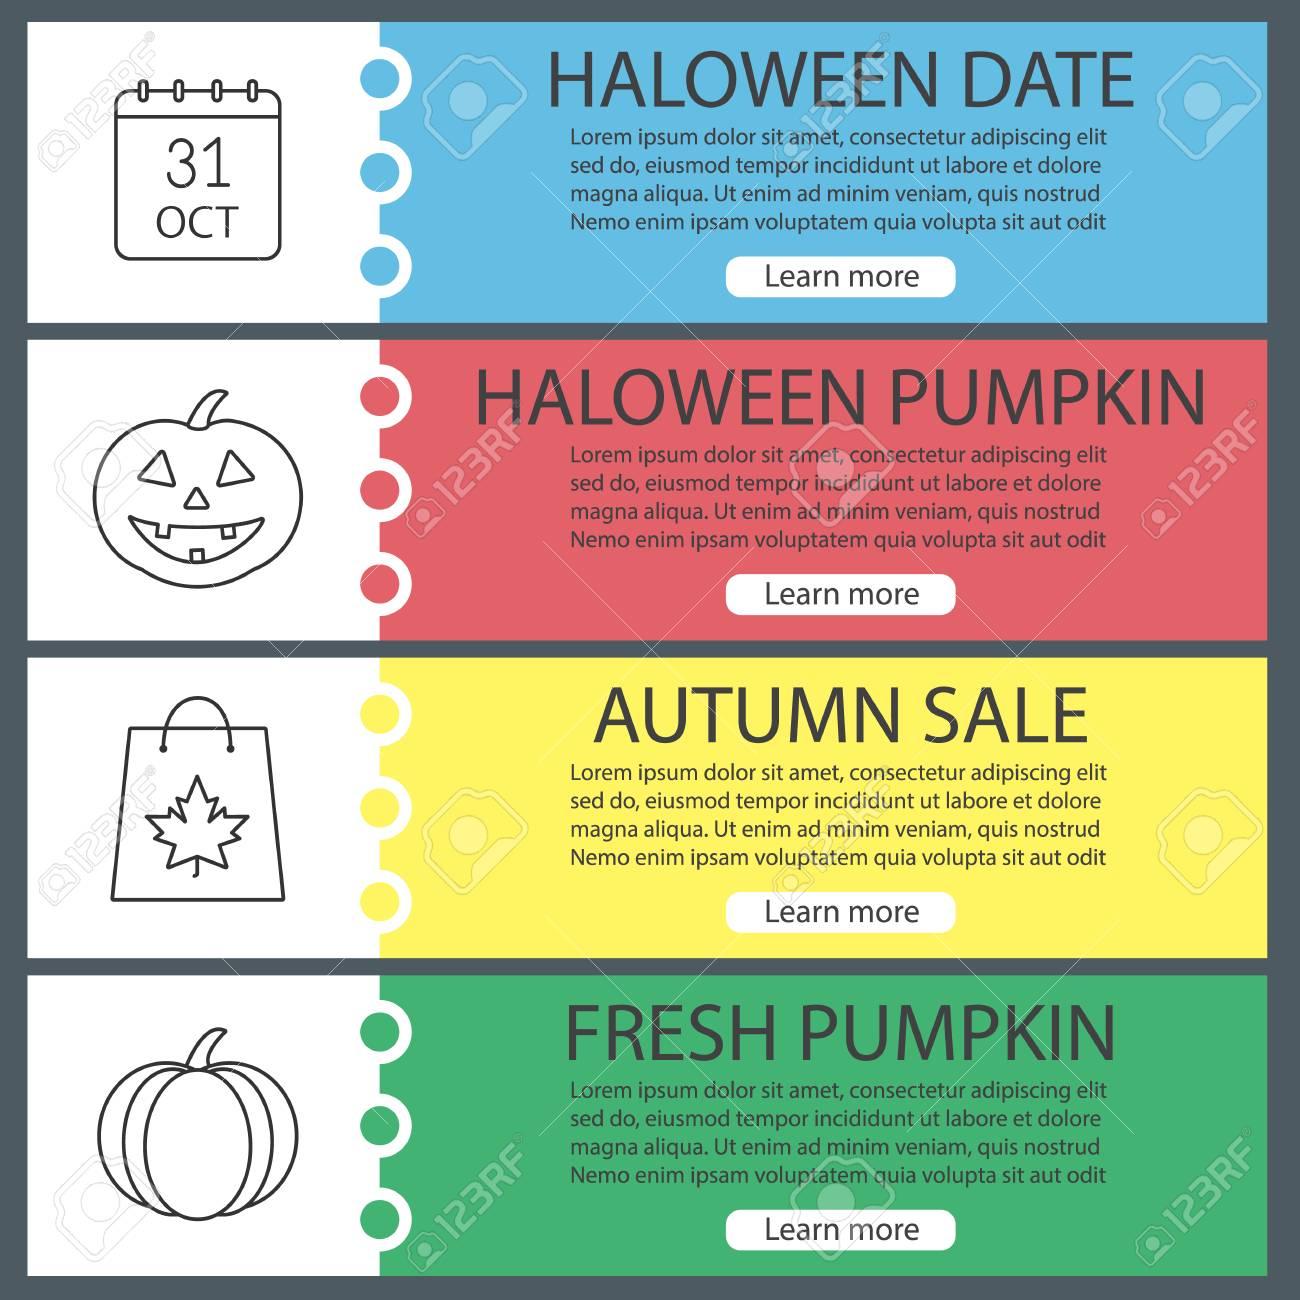 halloween web banner templates set october 31 calendar pumpkins